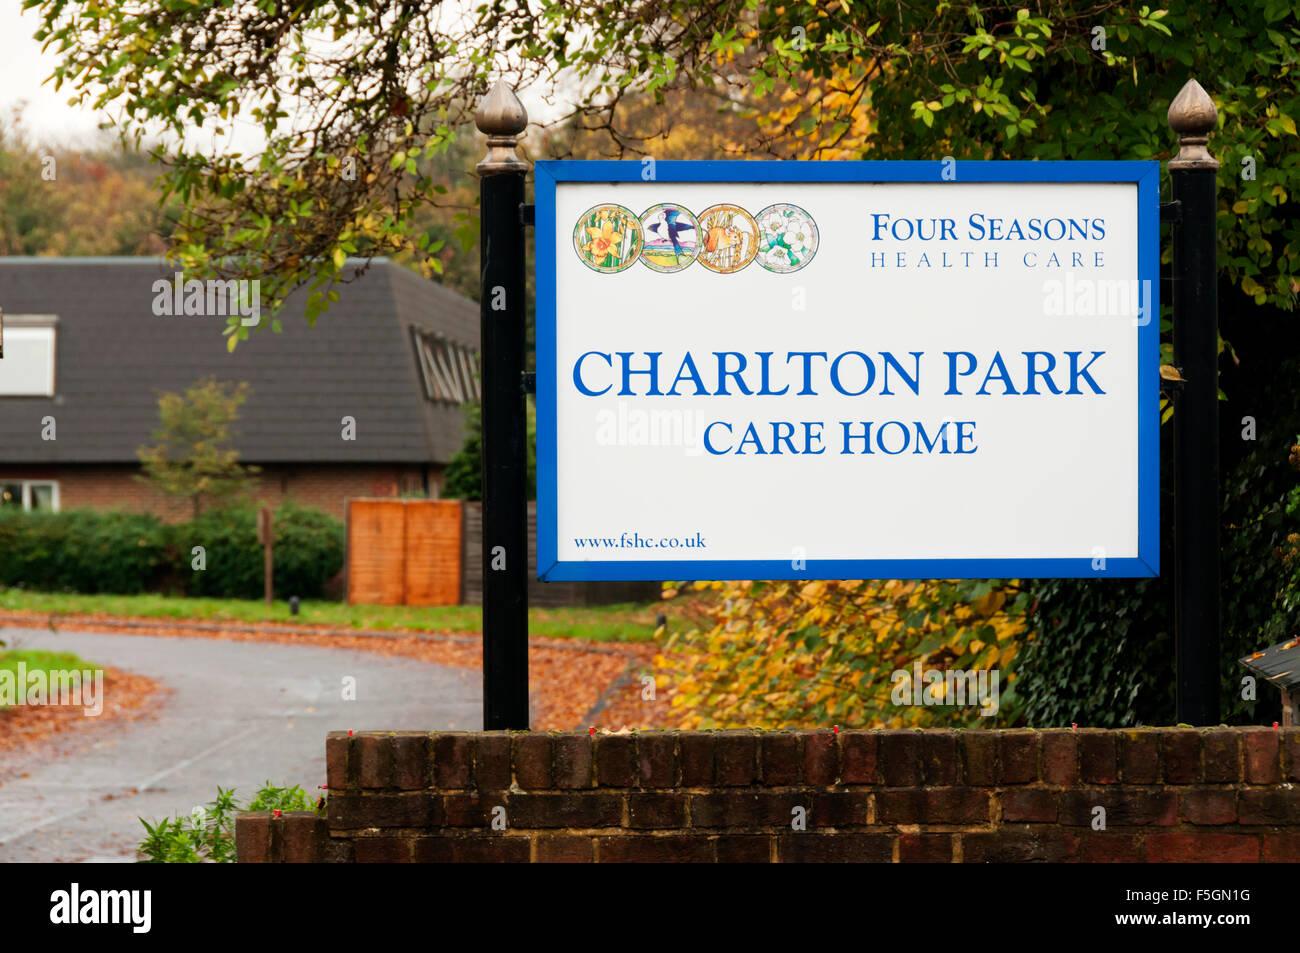 Panneau à l'entrée de Charlton park home run Soins quatre saisons par les soins de santé. Photo Stock